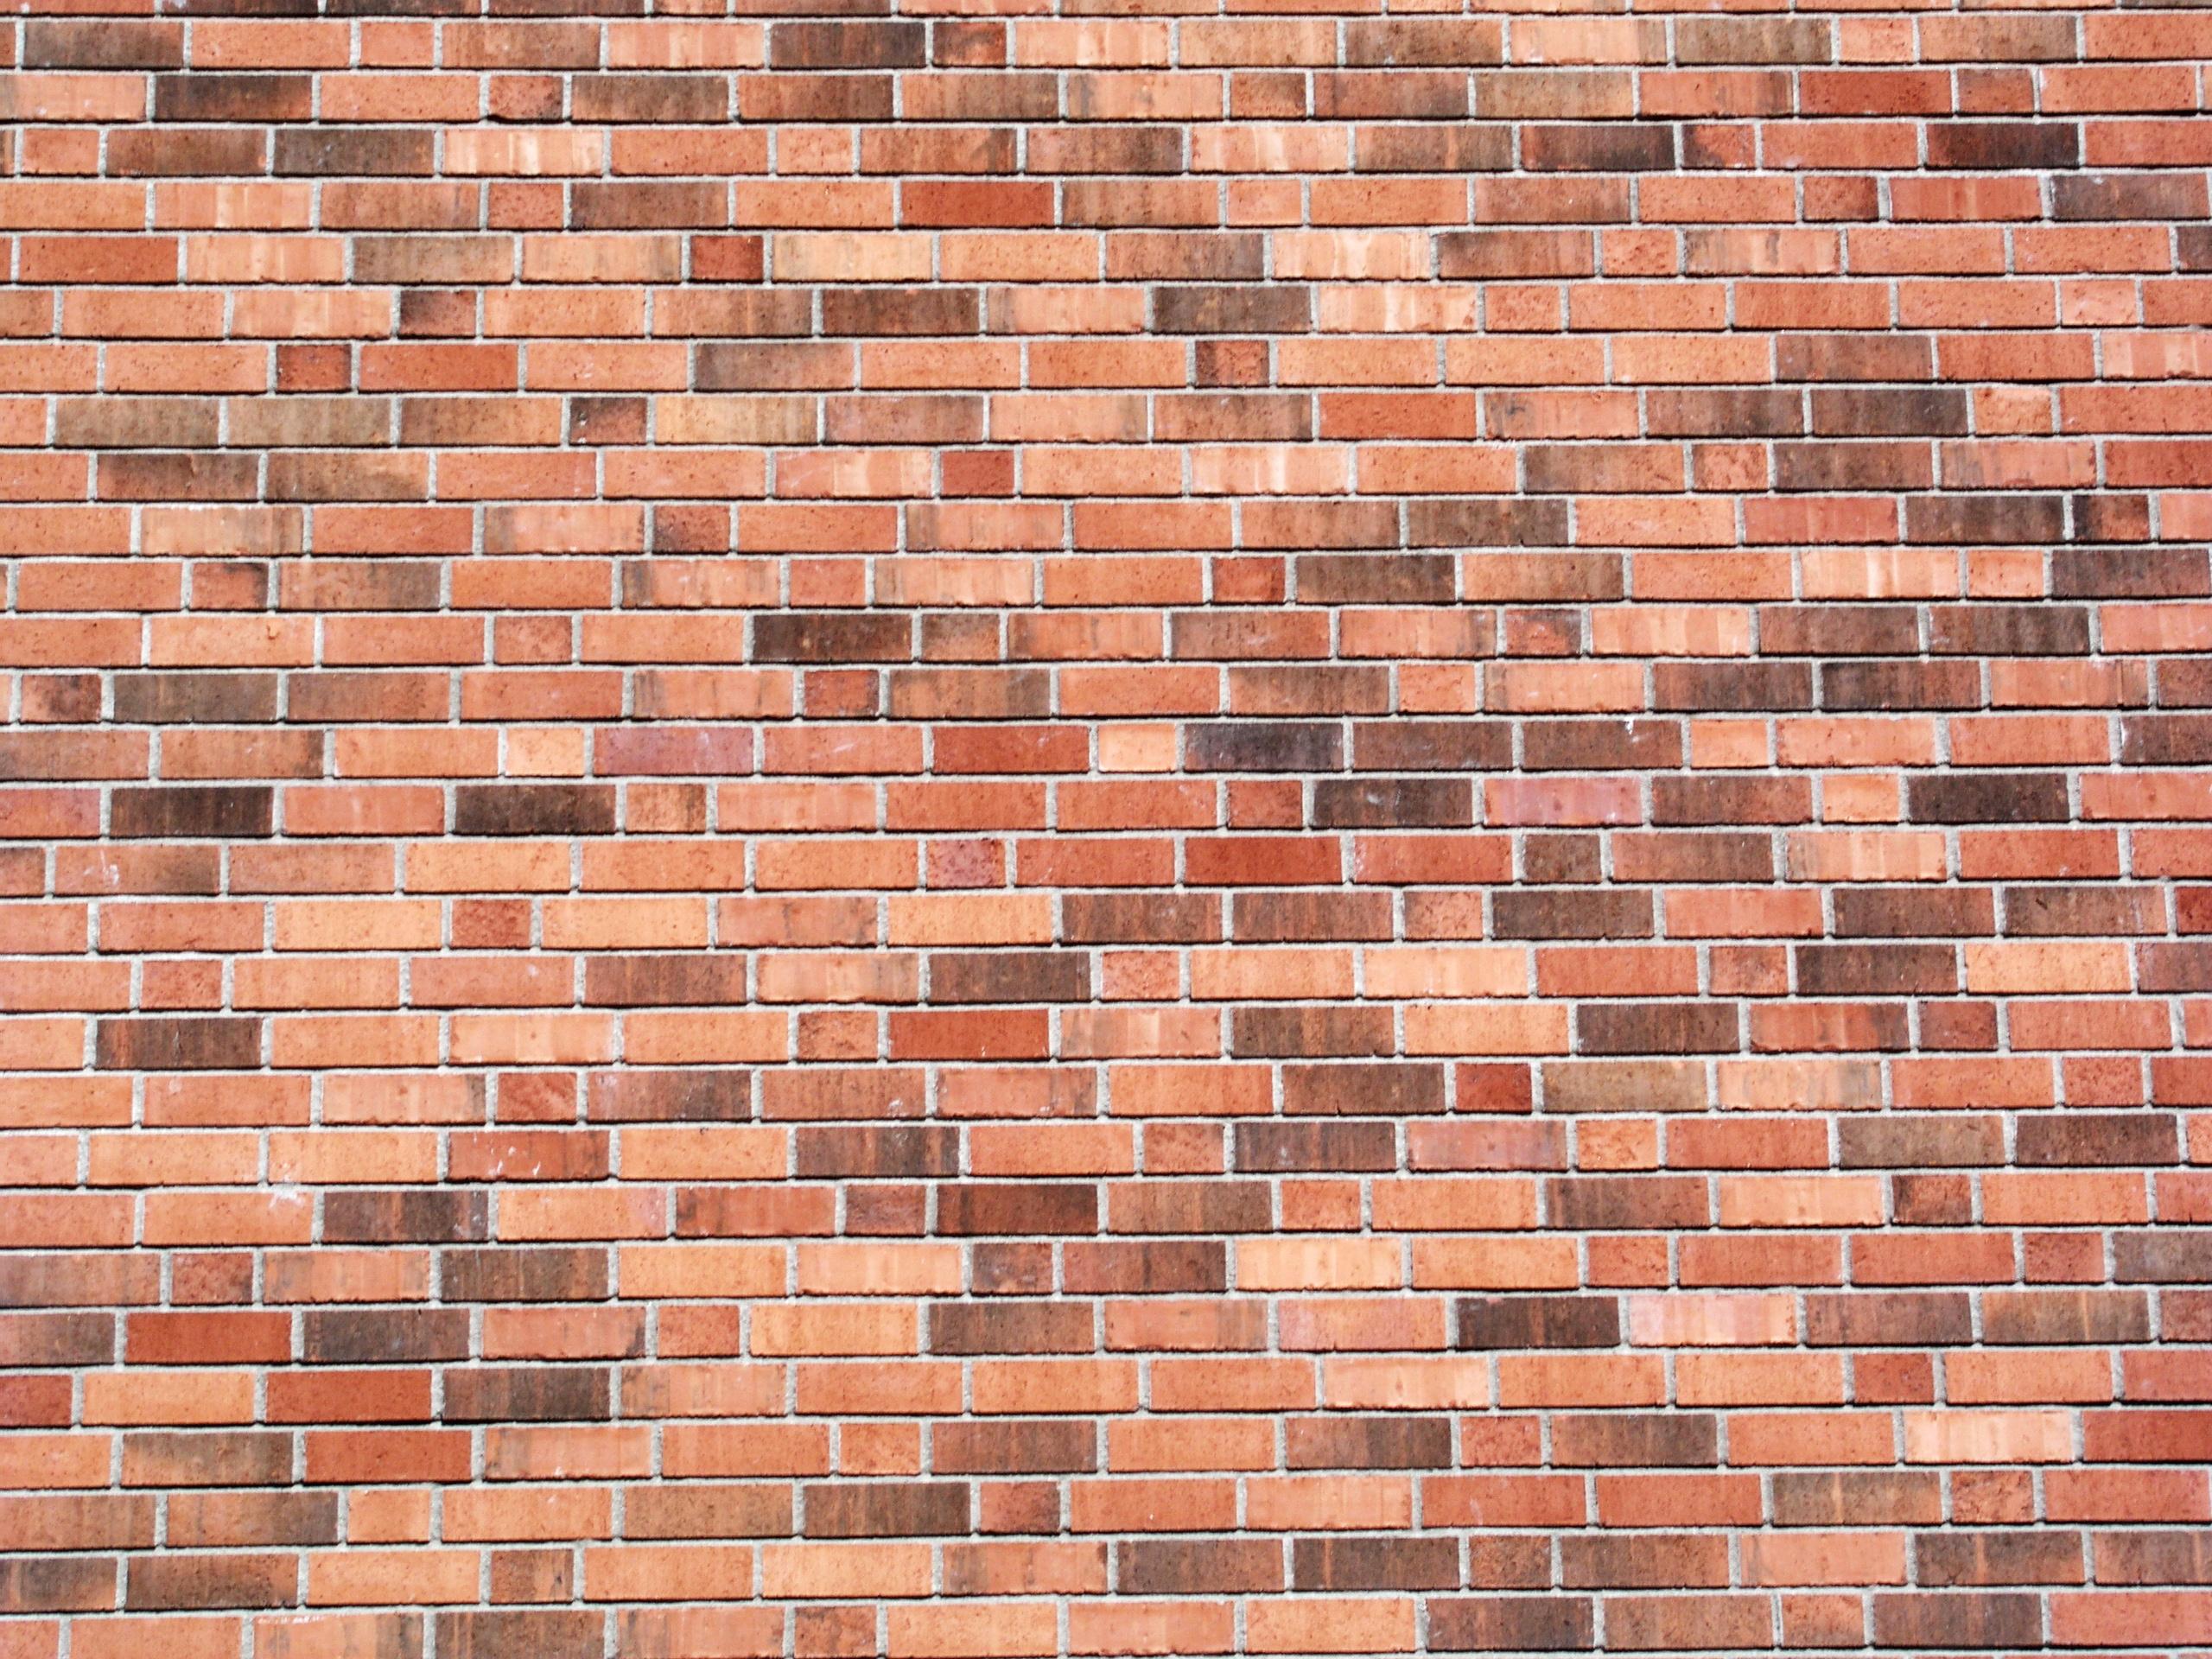 Jpeg Brick Wall 1024 X 365 Kb Patterns 900 589 1128 2560x1920